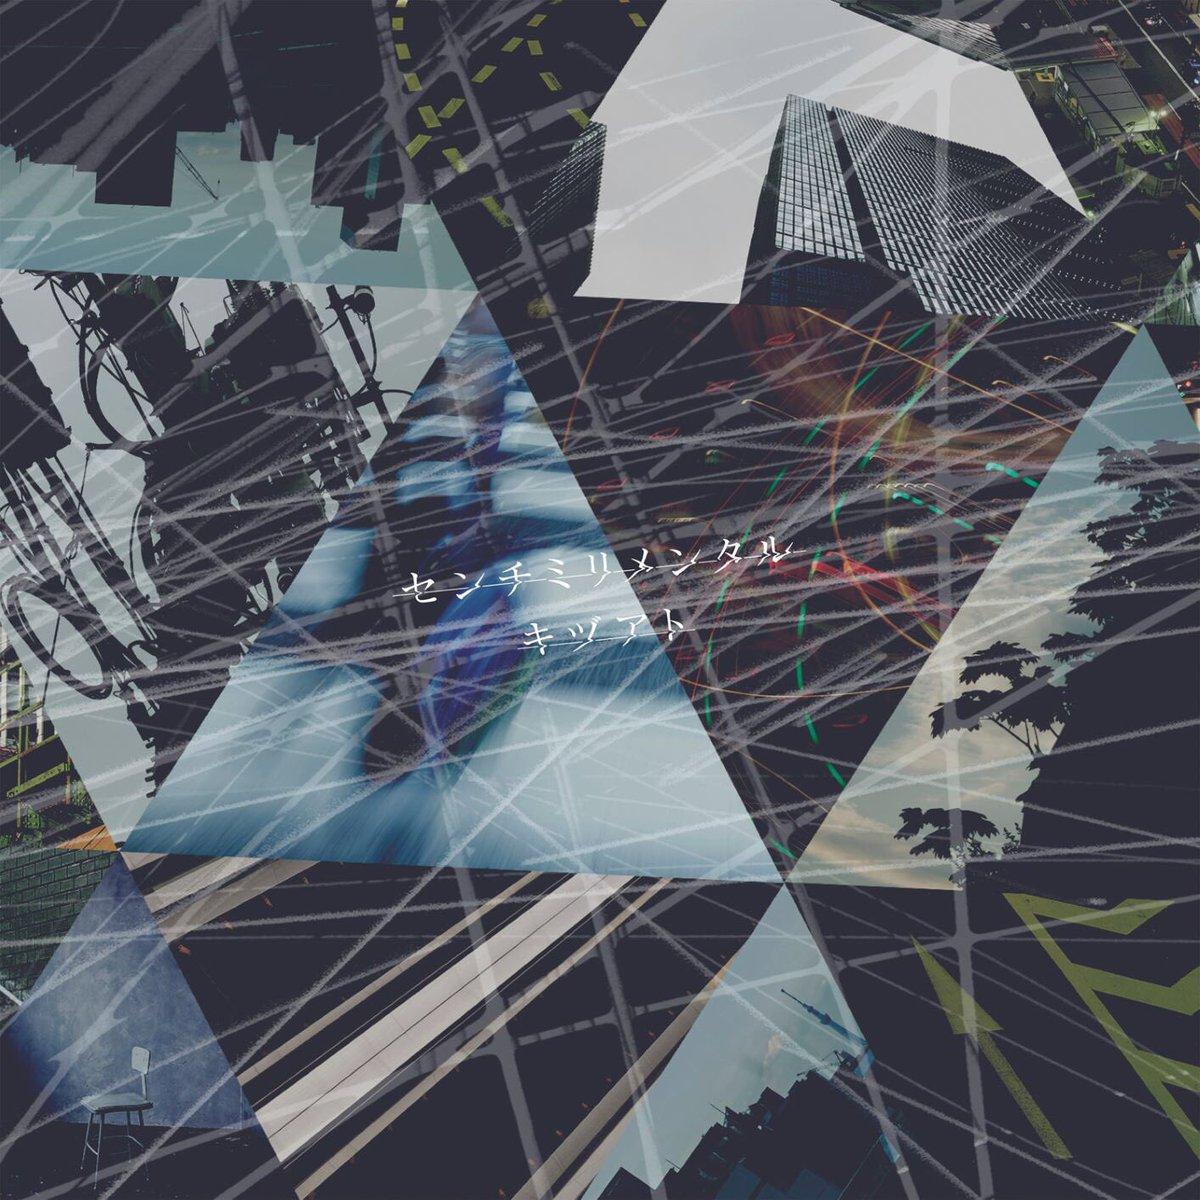 『センチミリメンタル - まるつけ 歌詞』収録の『キヅアト』ジャケット